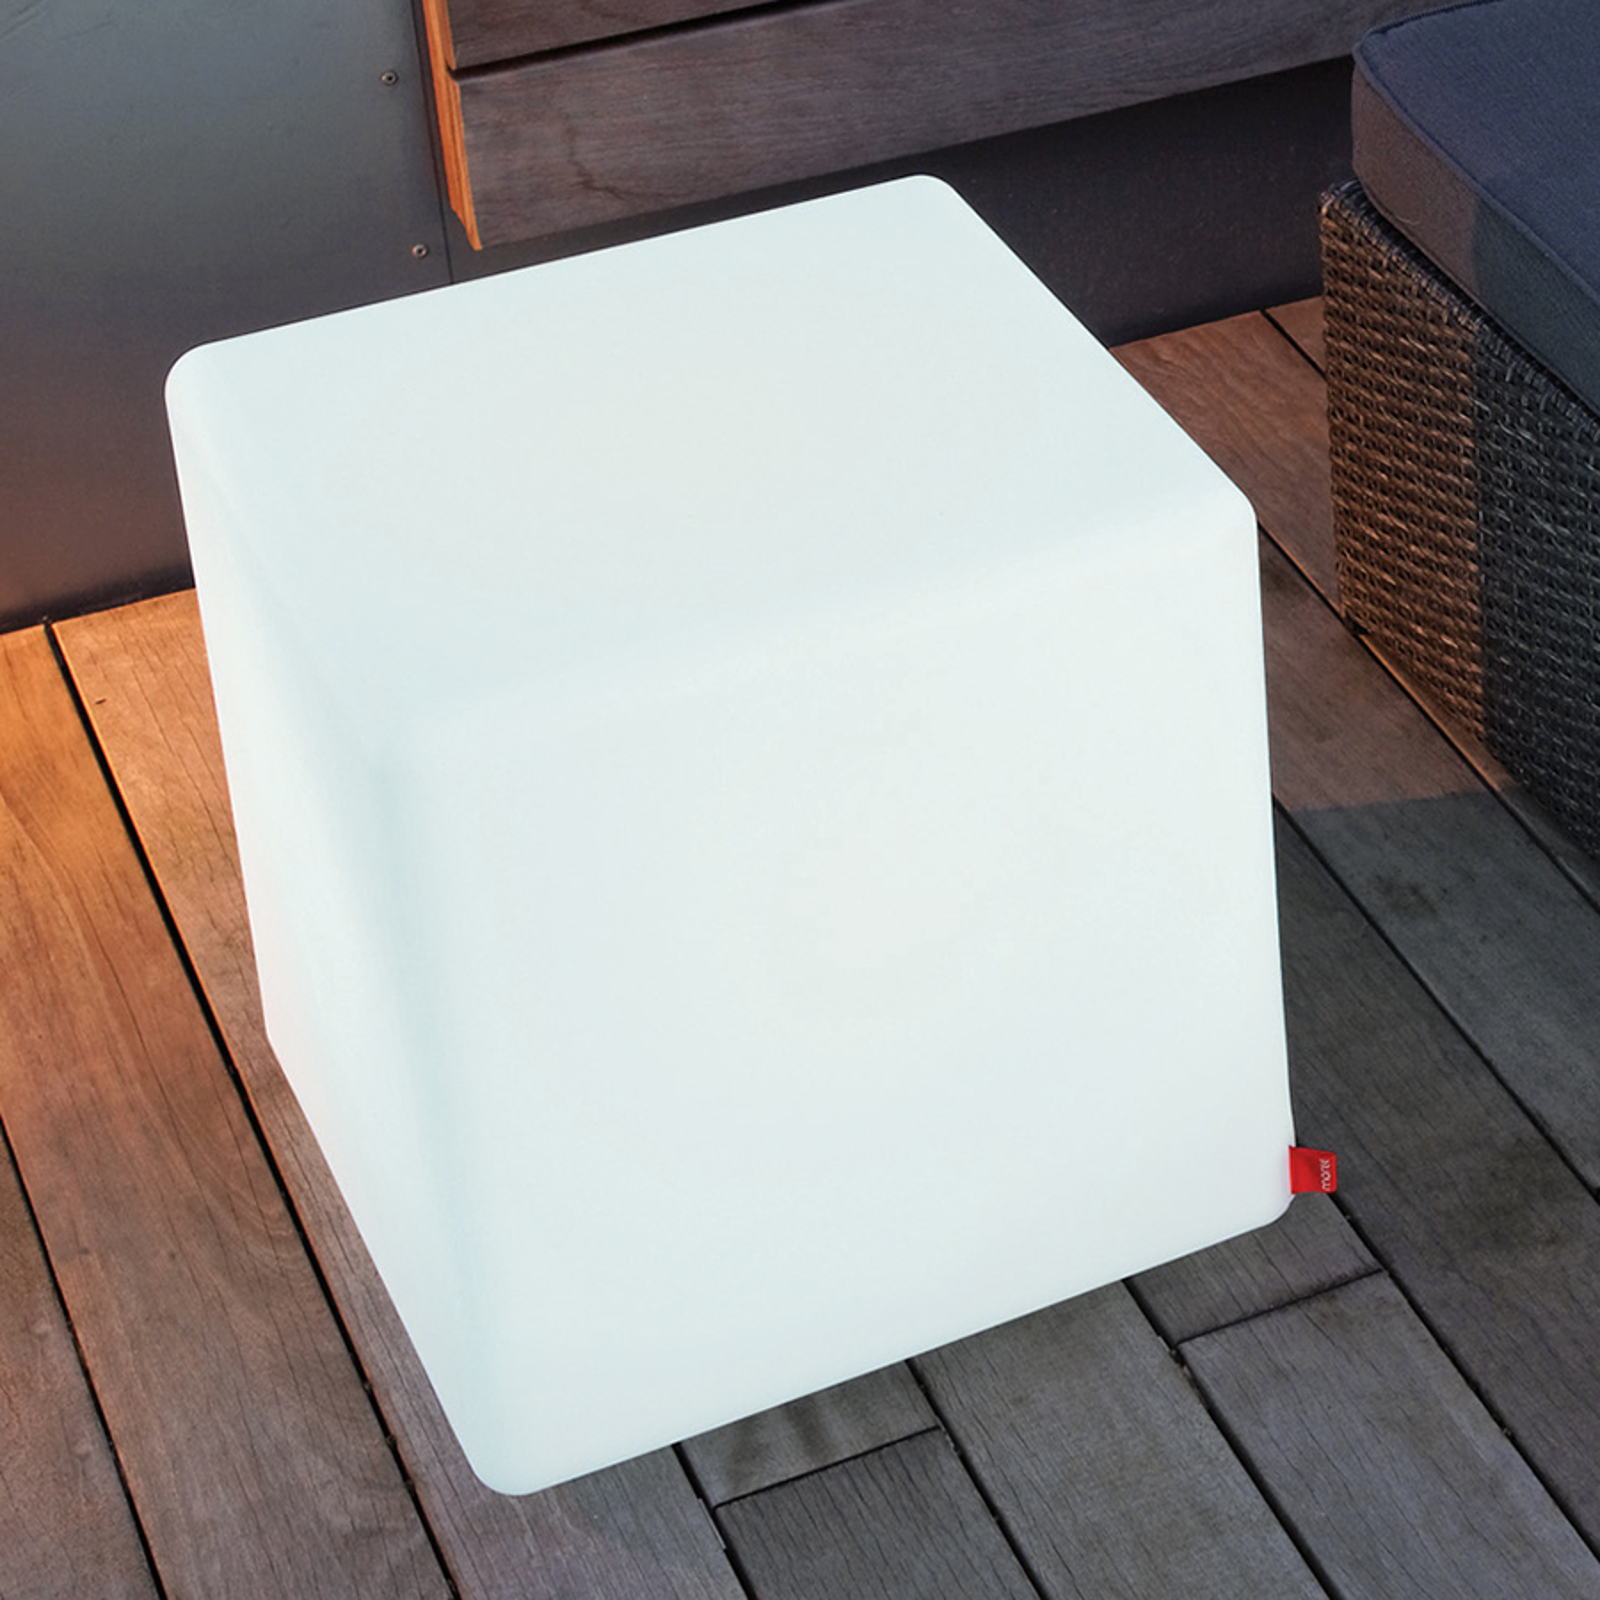 CUBE Outdoor multifunktionel udendørsbelysning